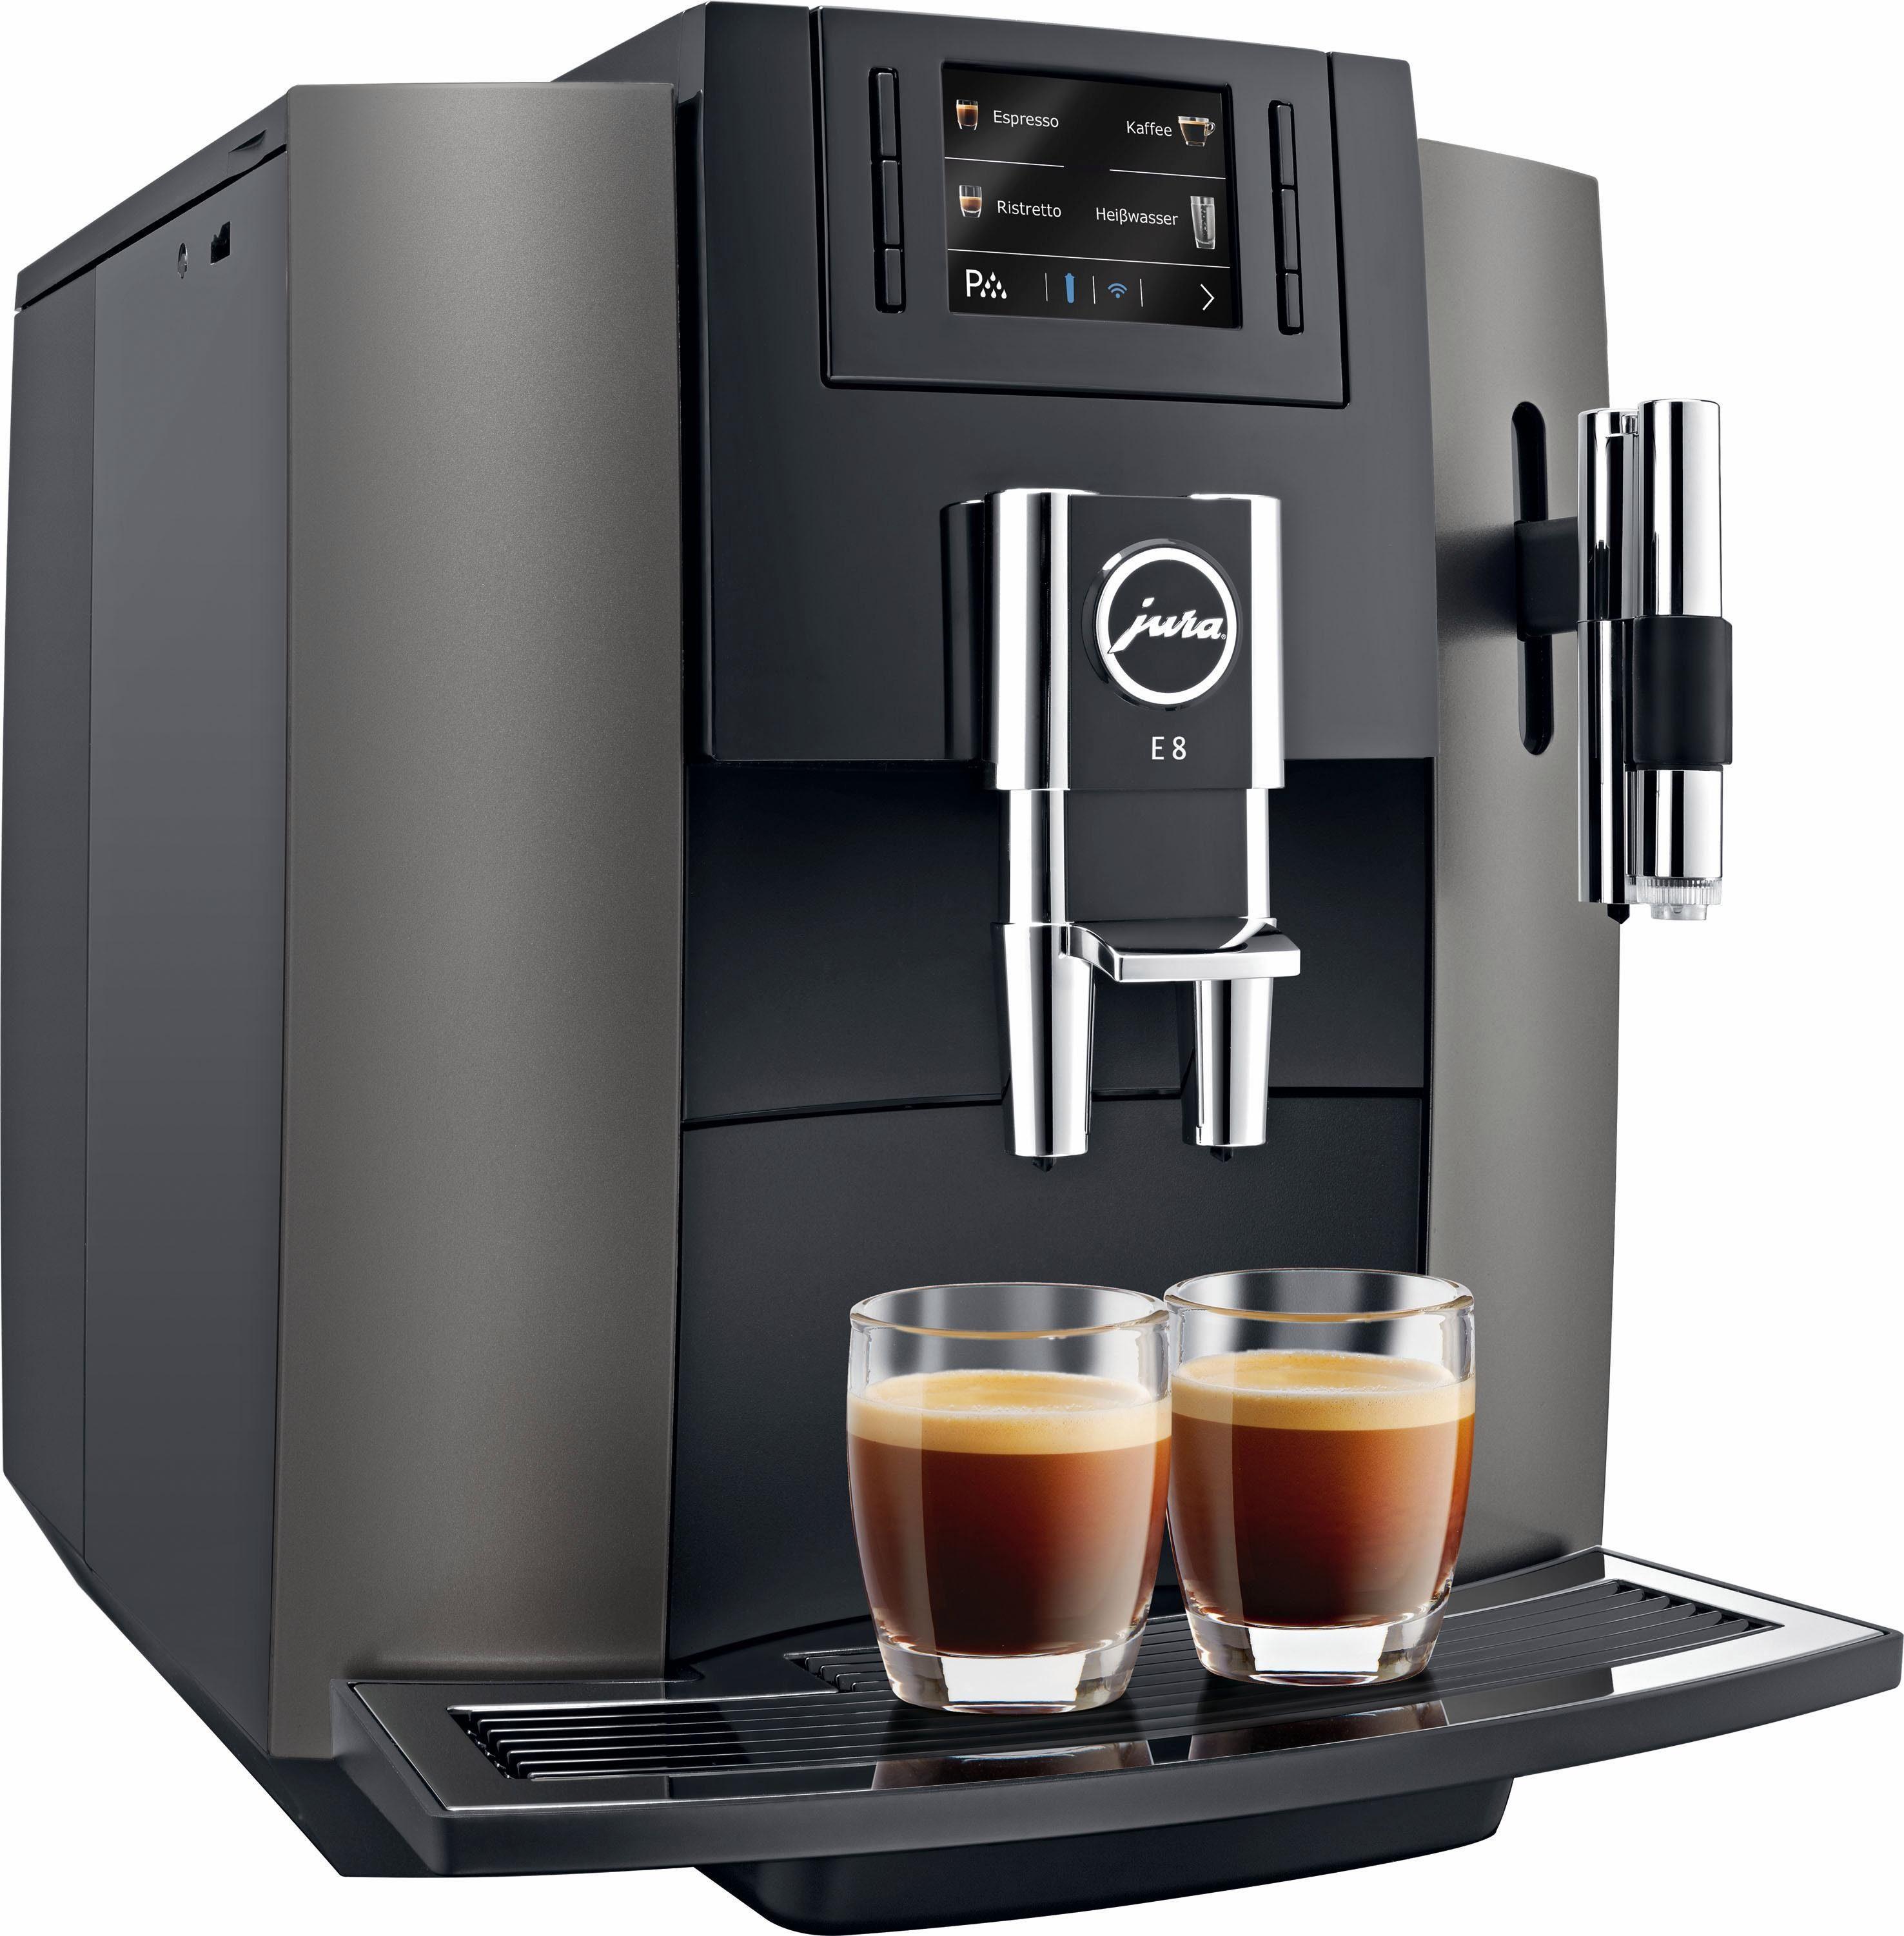 Jura Kaffeevollautomat E8, 1,9l Tank